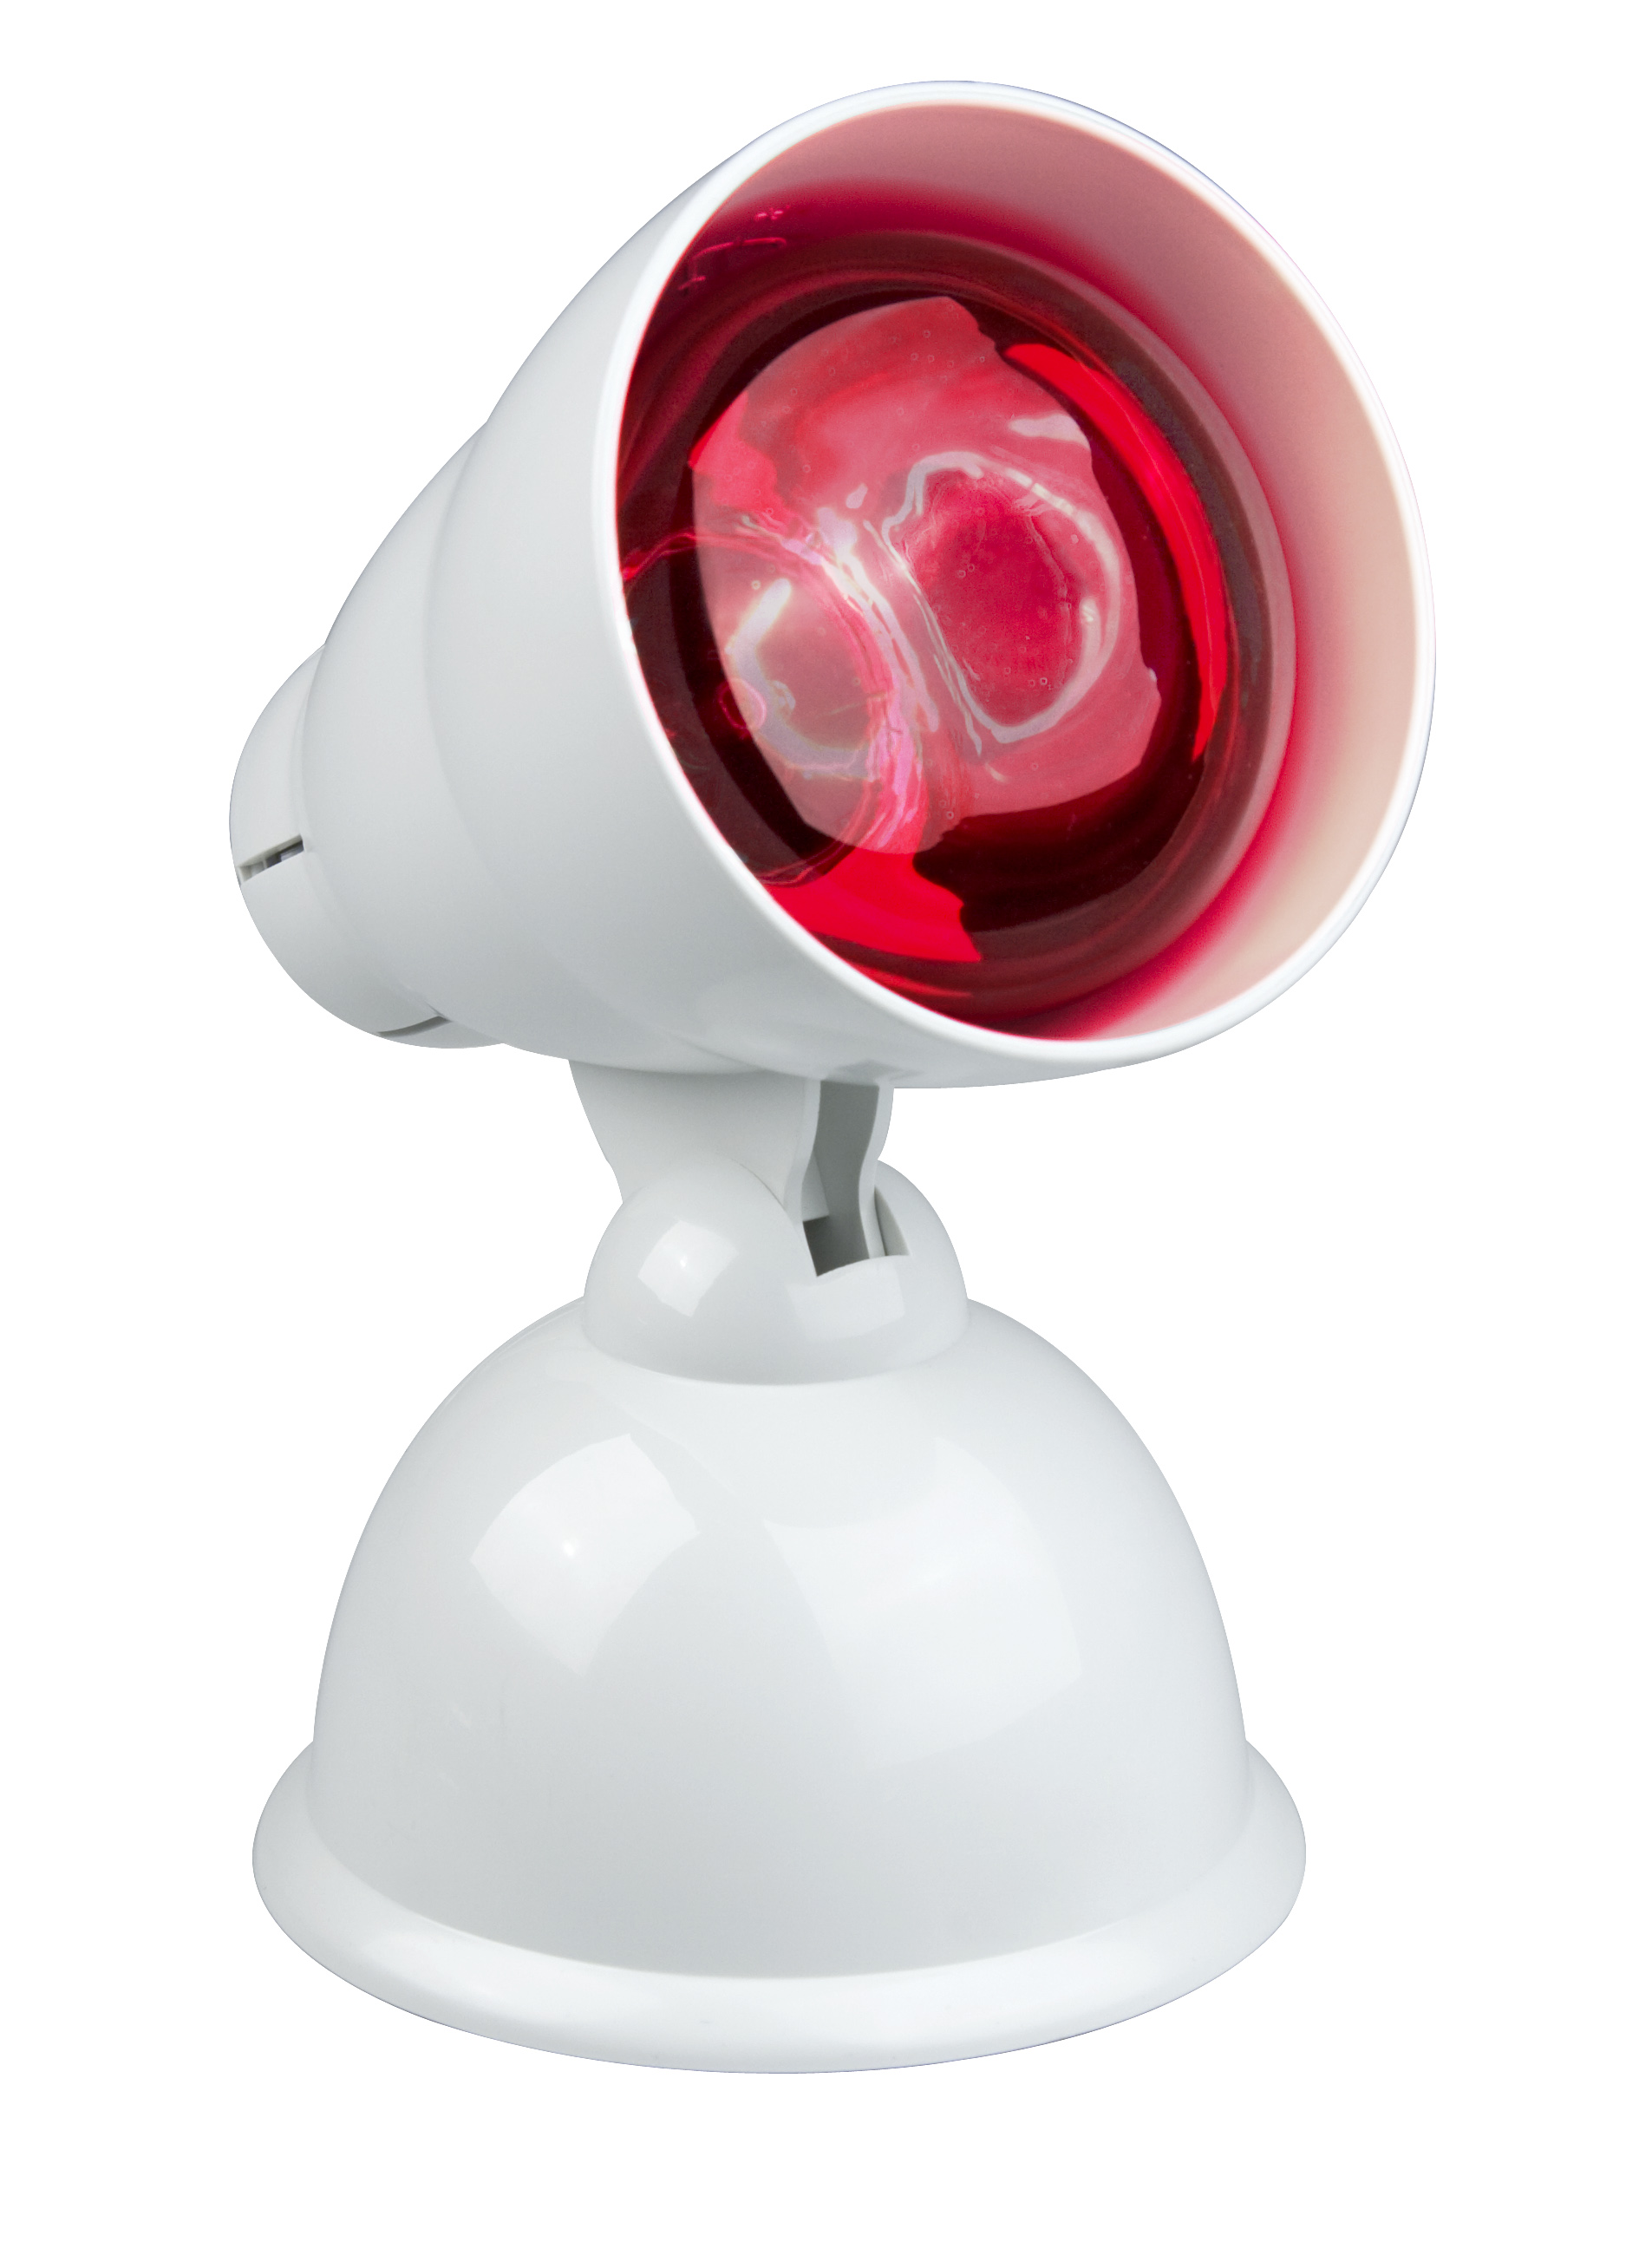 Medisana Infrared Lamp Henrotech